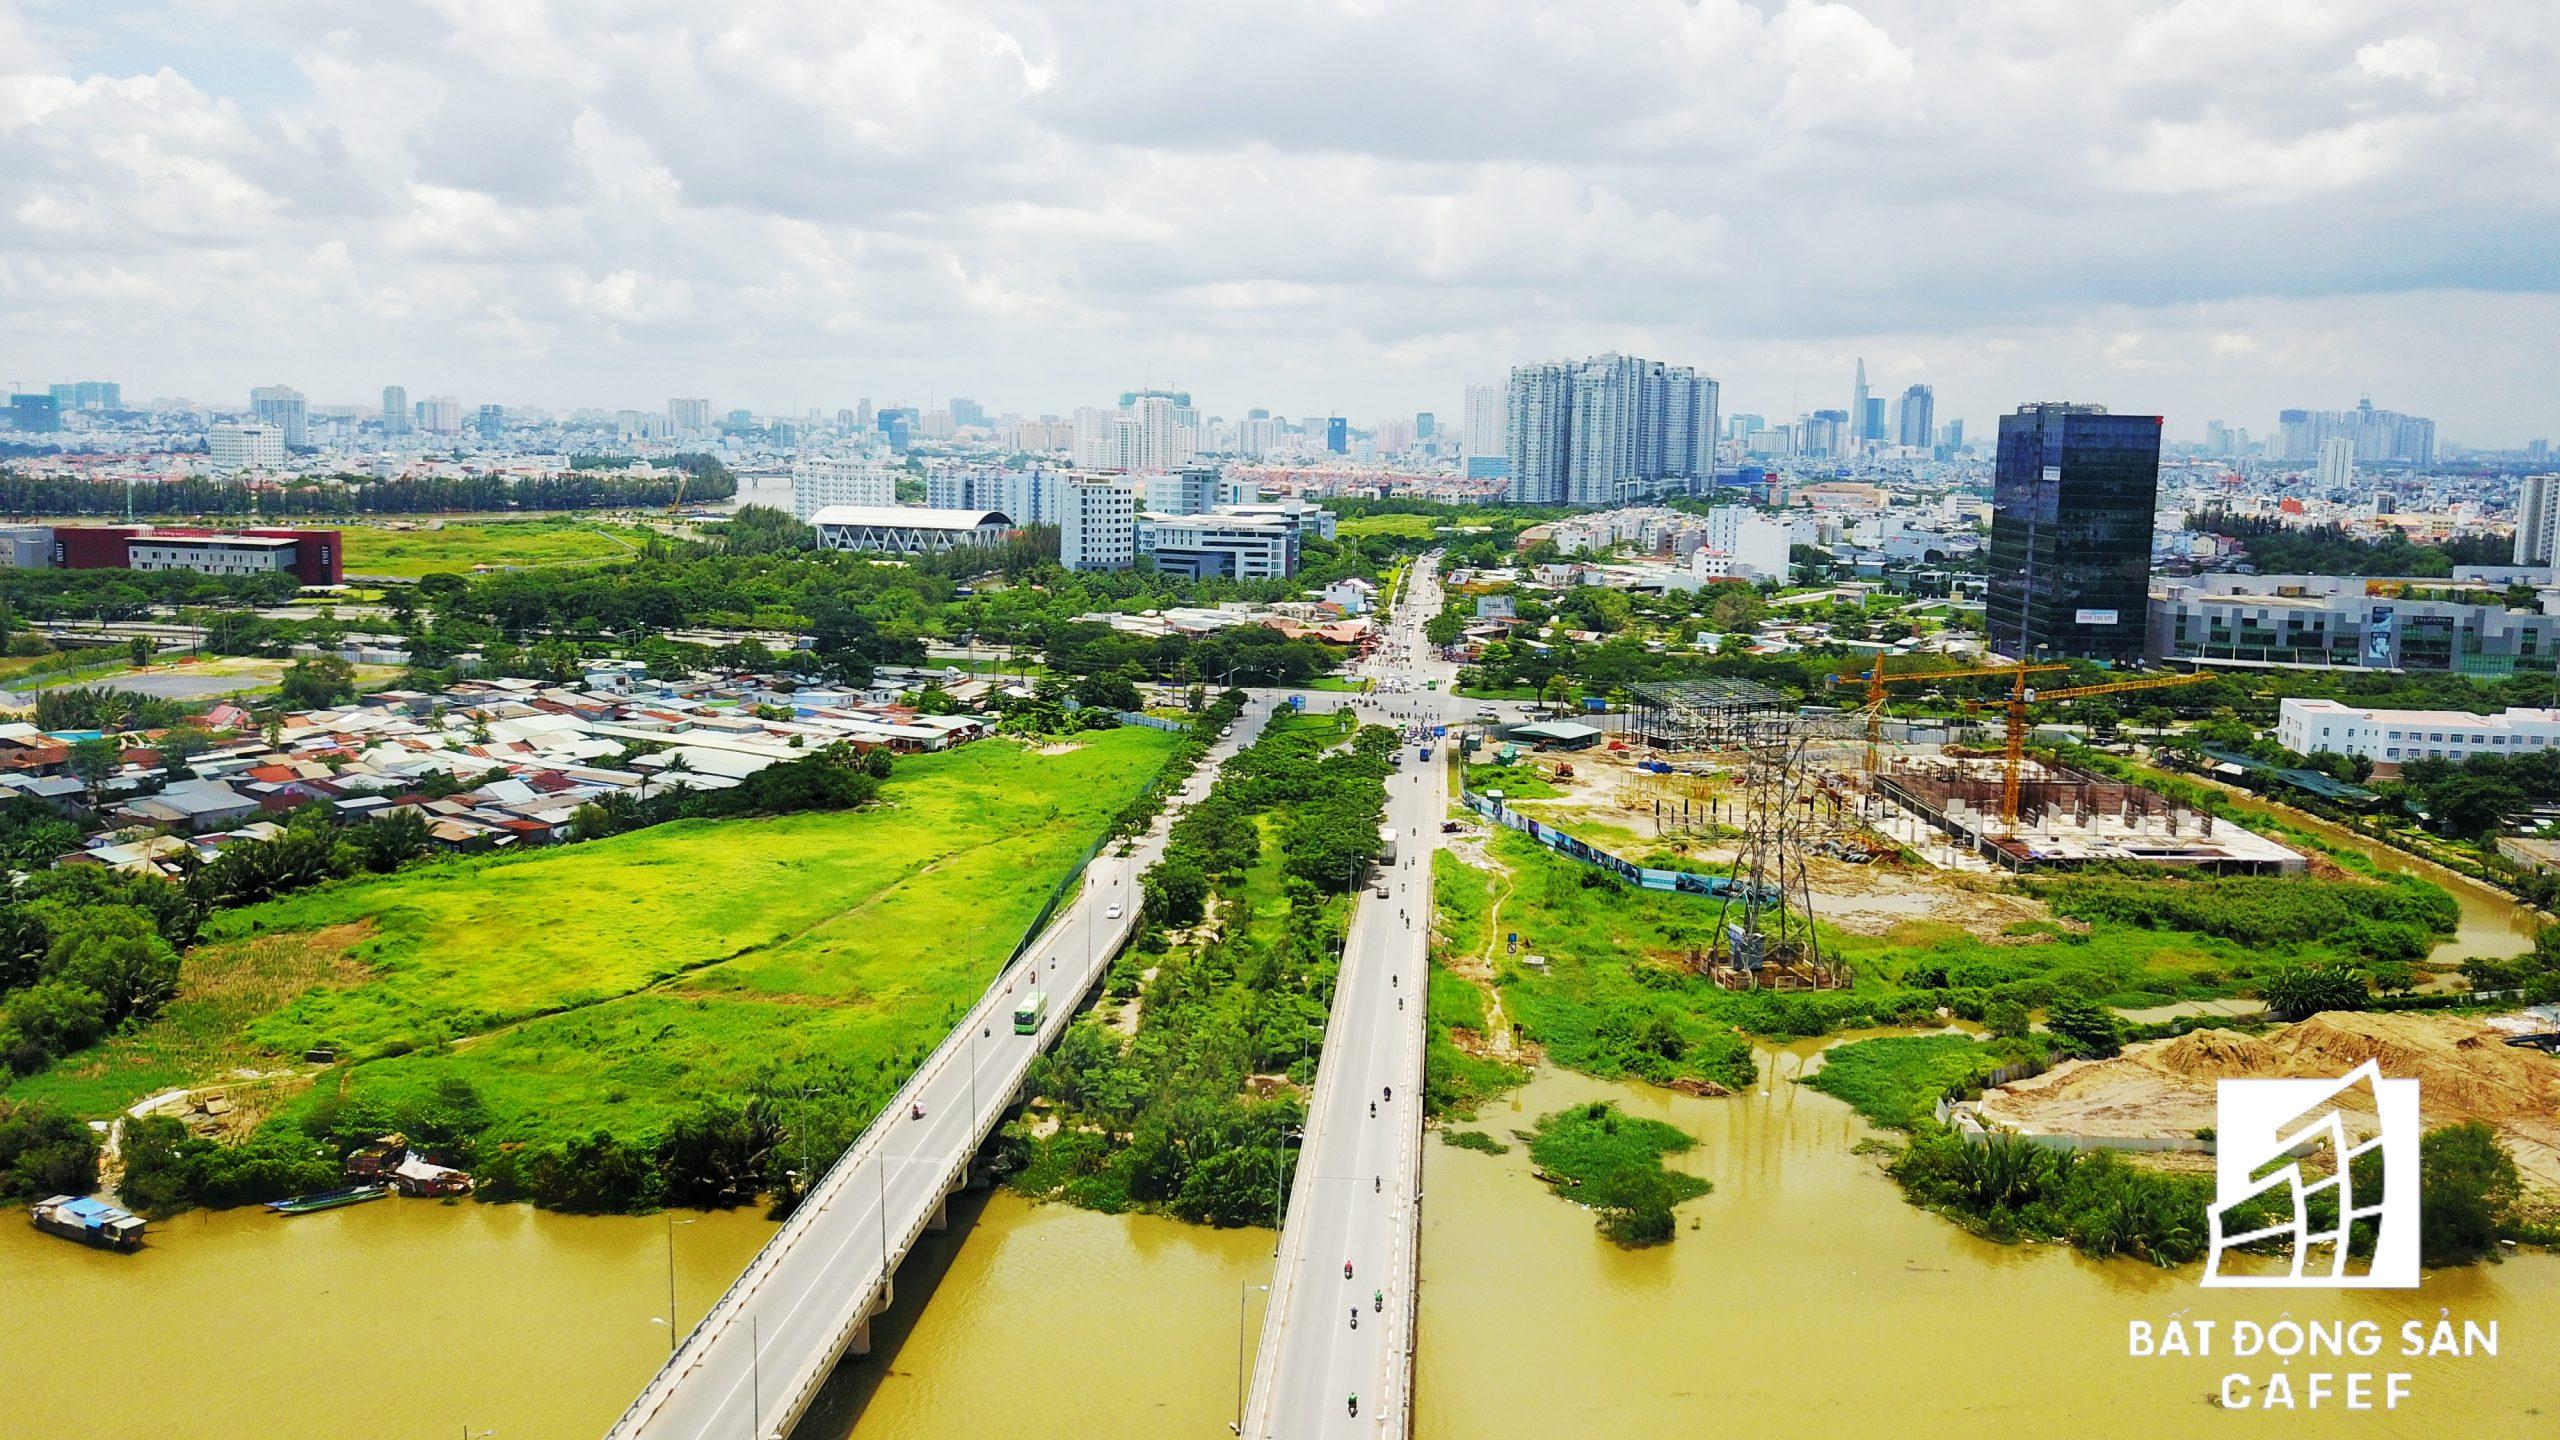 Hạ tầng giao thông phát triển tại Quận 7 và khu Nam Sài Gòn